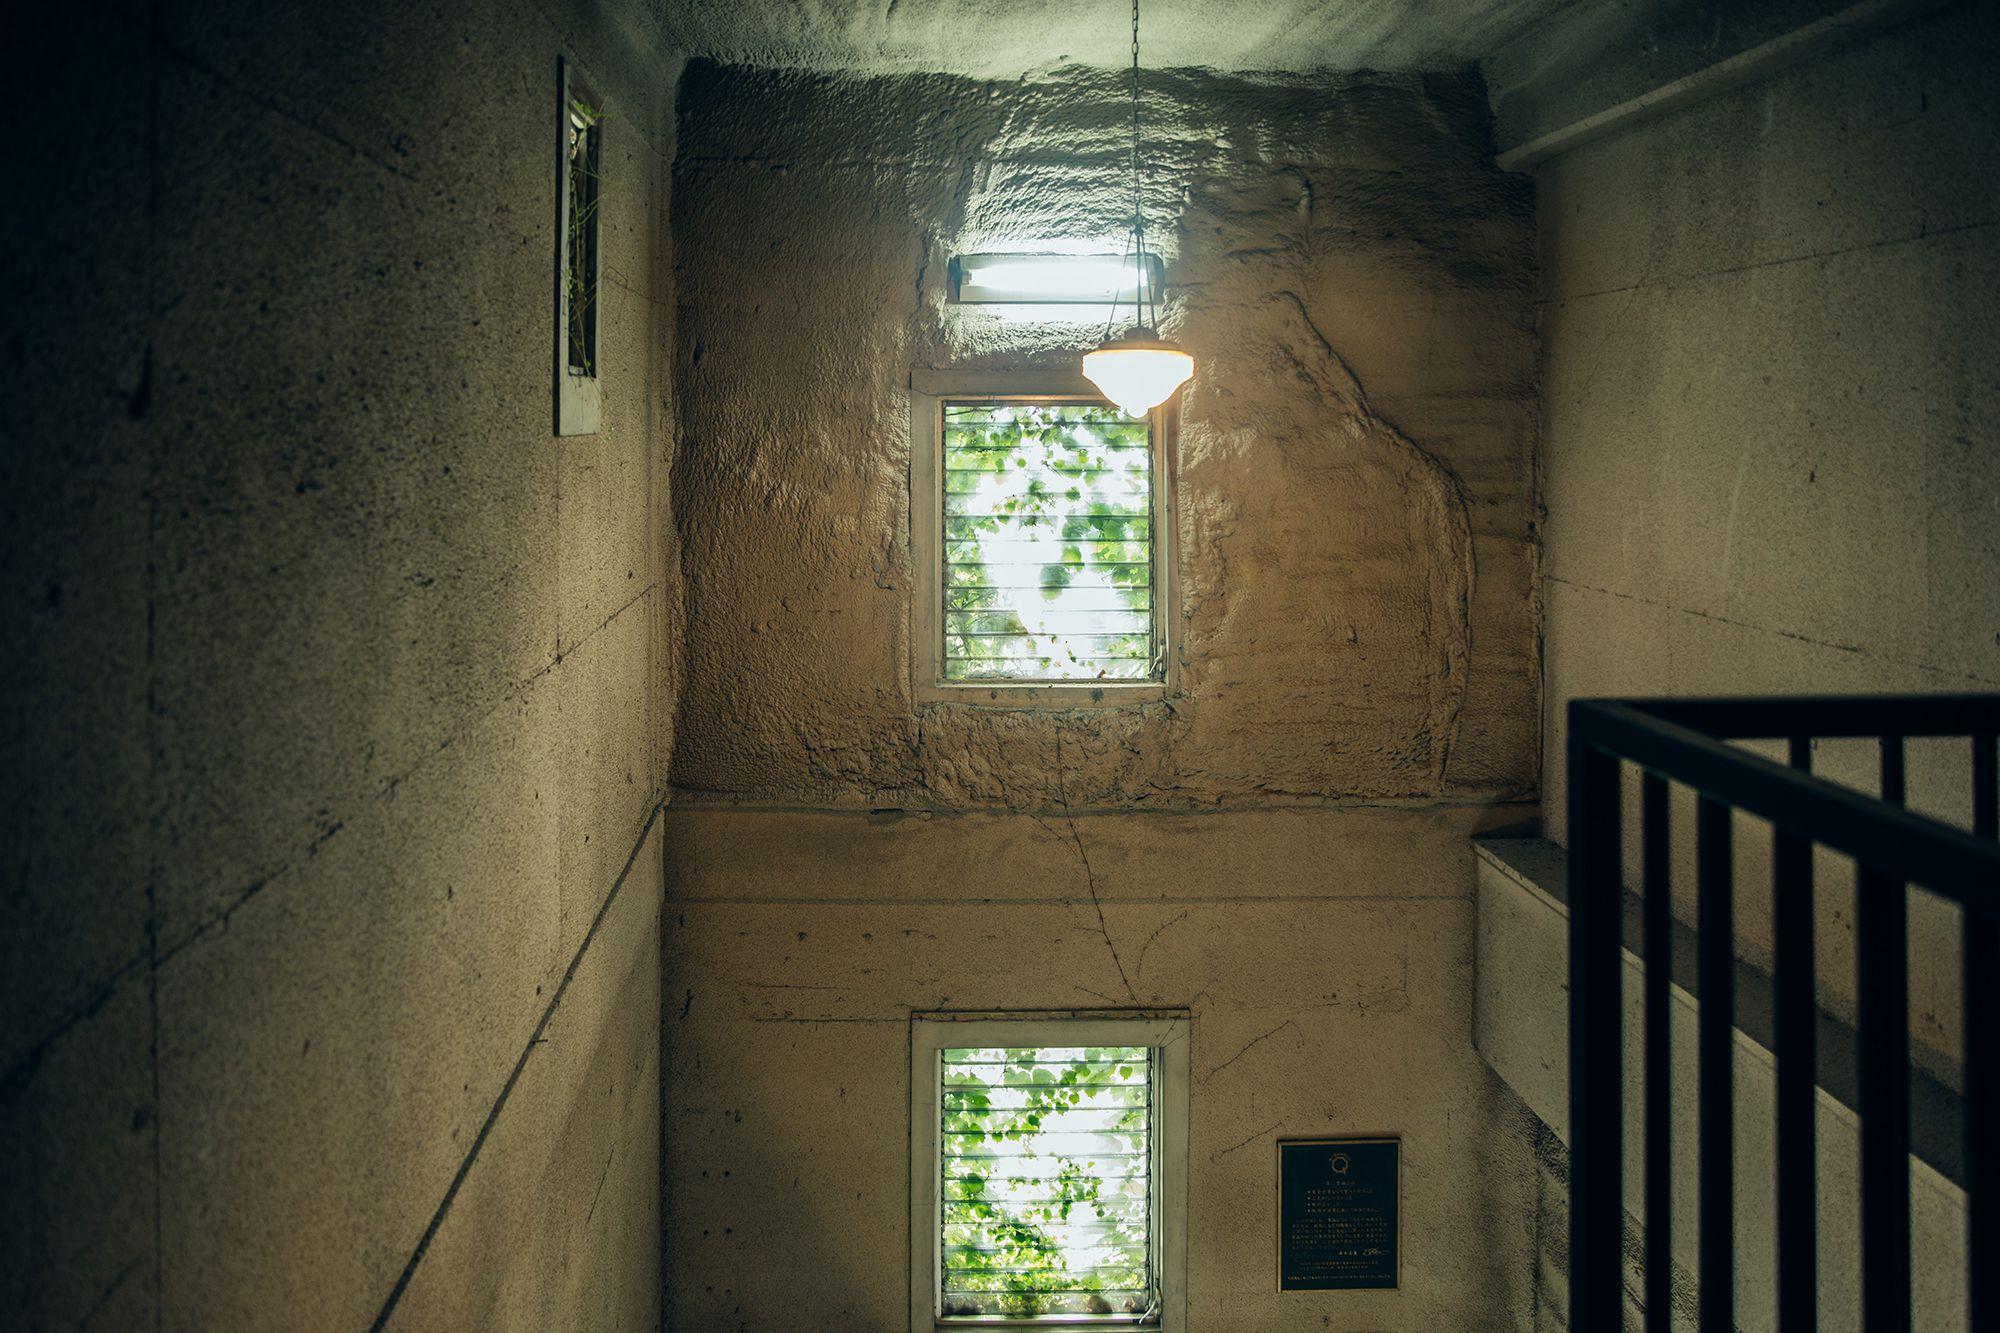 建物にぶどうの蔦が絡まる勝沼町等々力のワイナリー。窓からぶどうの葉を透過した光が美しい。